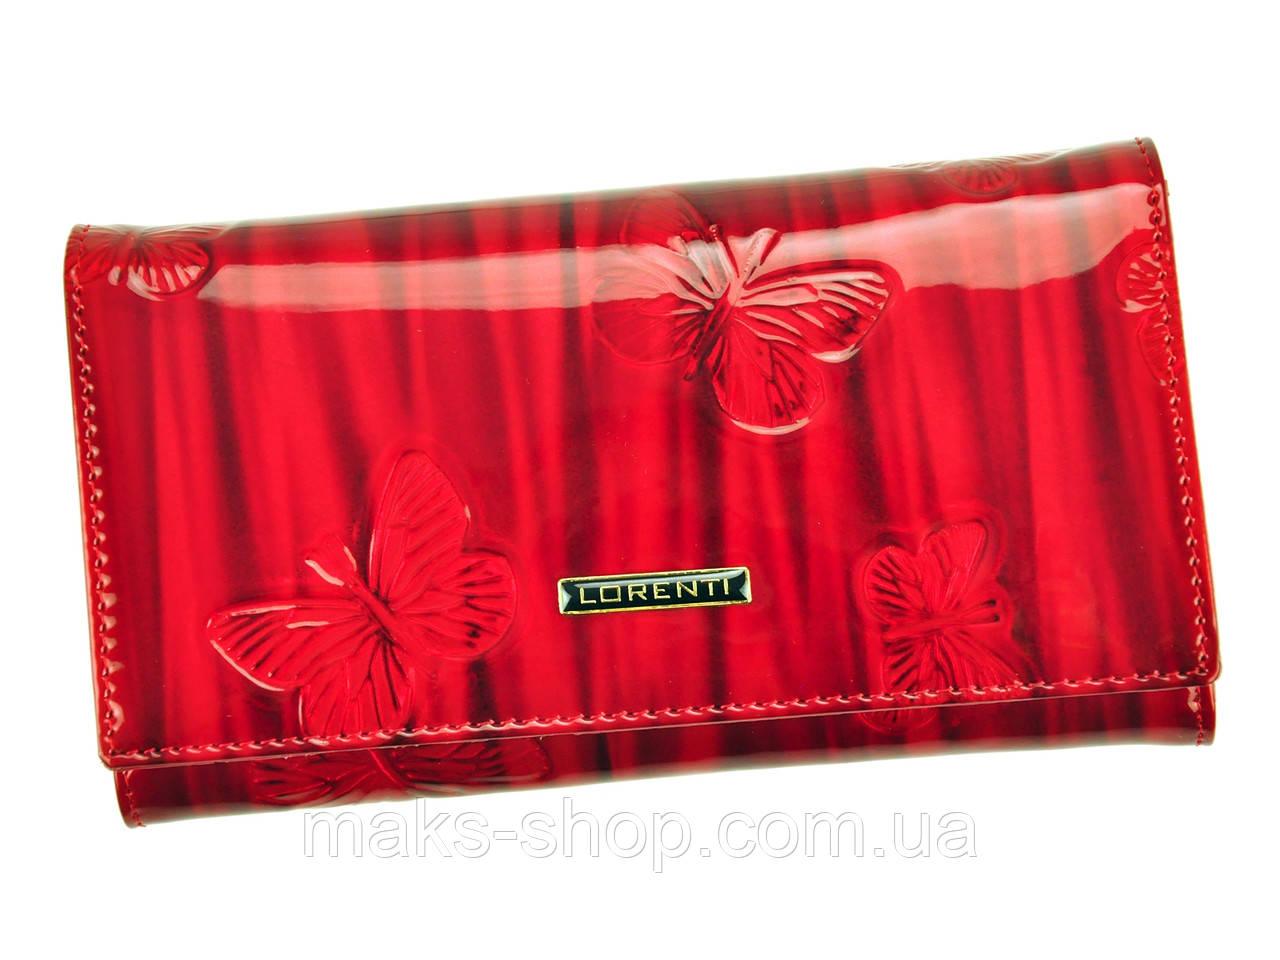 55e54fd07b8e Женский кожаный кошелек Италия - Maks Shop- надежный и перспективный  интернет магазин сумок и аксессуаров